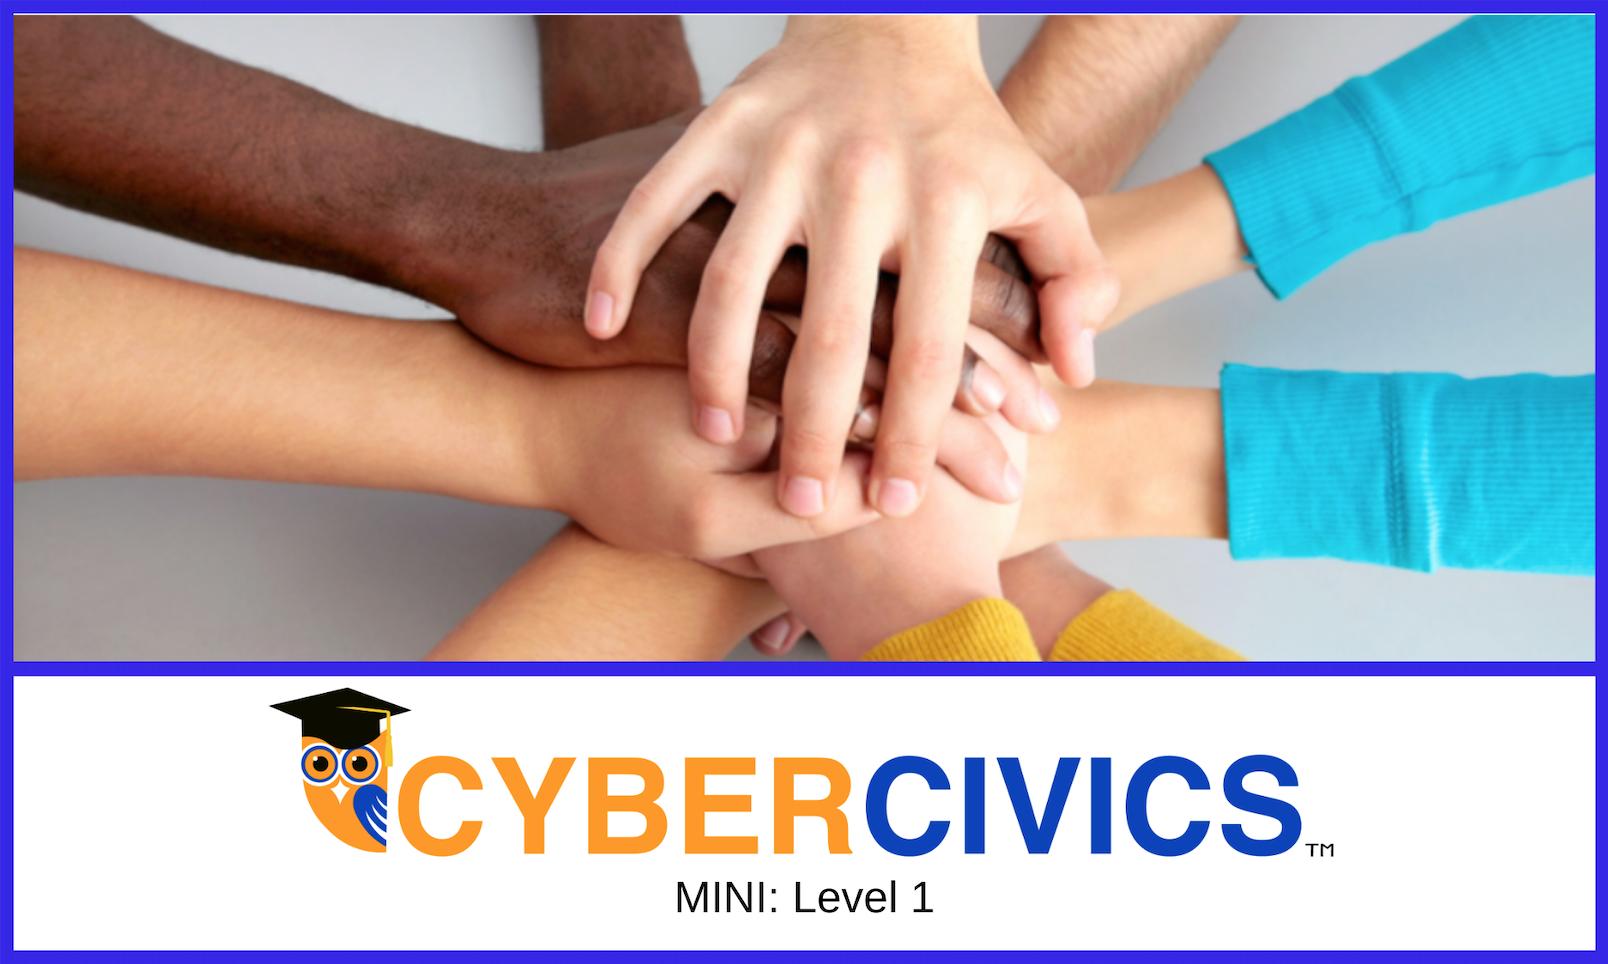 Cyber Civics Mini: Level 1